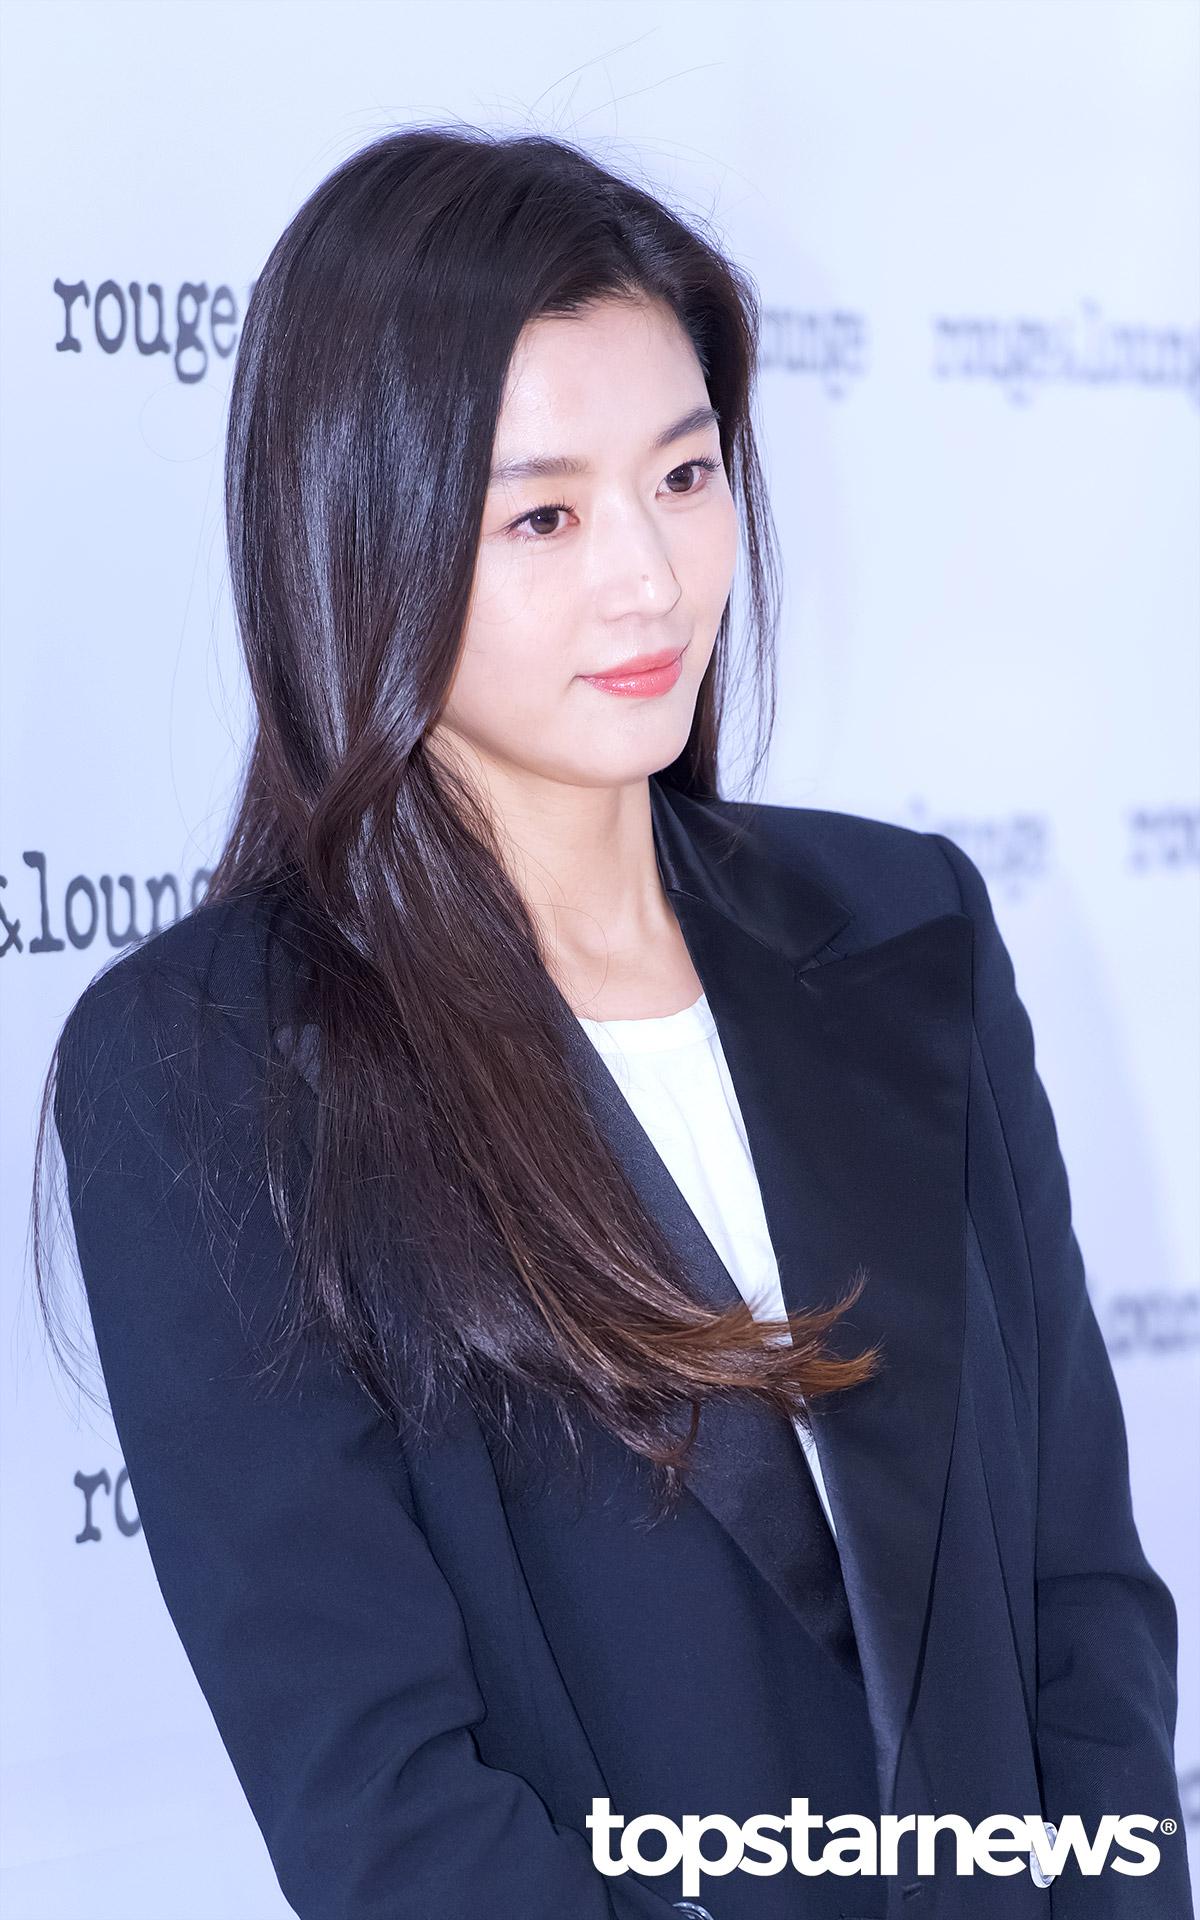 Hết gây xôn xao với nhà 650 tỉ, Jeon Ji Hyun lại xuất hiện như bà hoàng giữa dàn vệ sĩ hùng hậu - Ảnh 6.